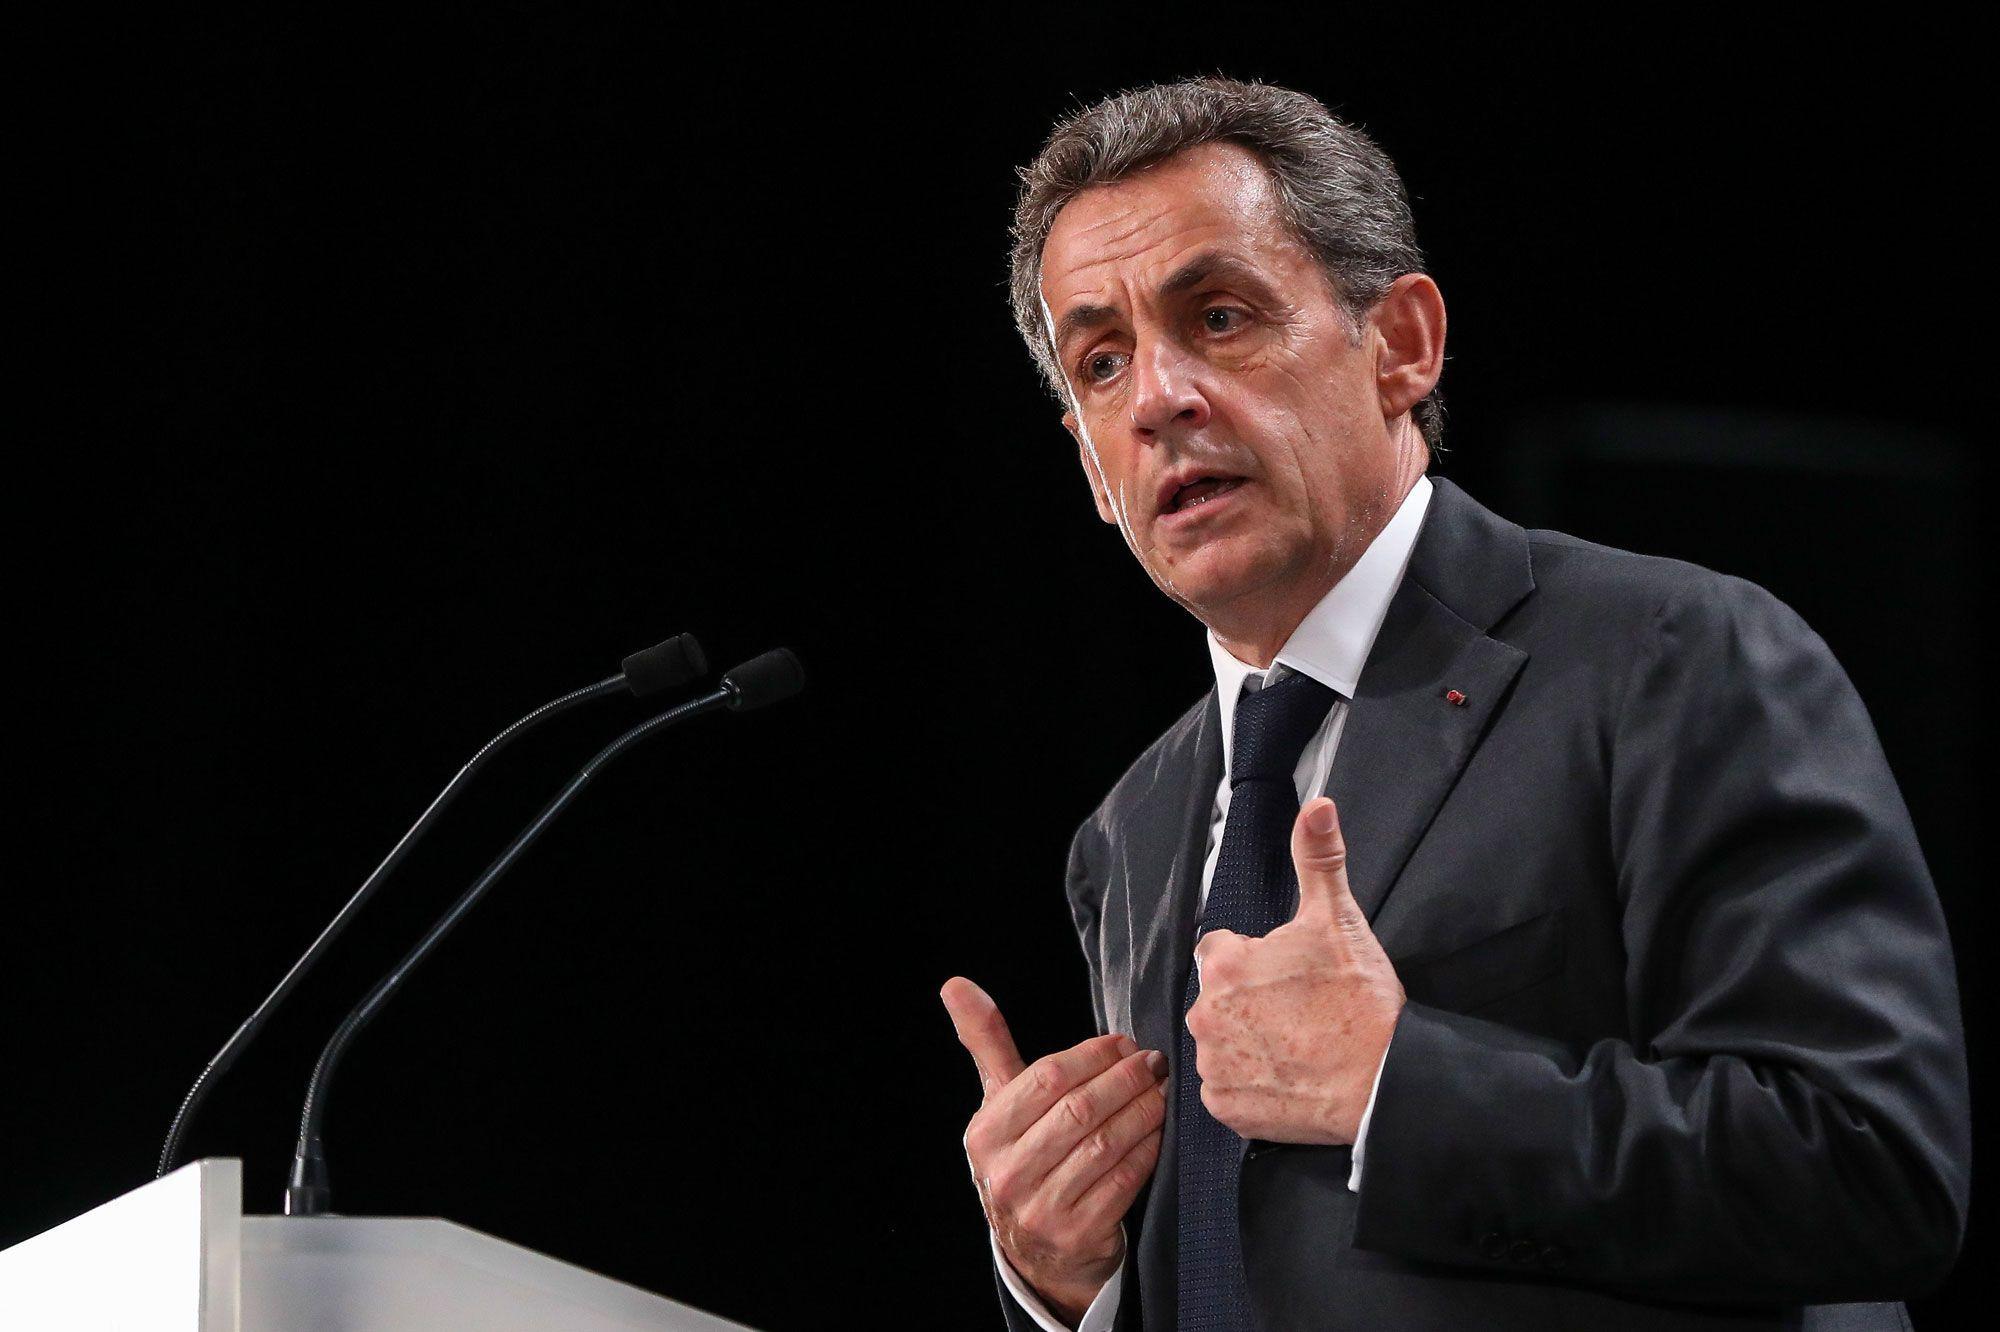 Affaire Du Financement Libyen Ce Que Disait Nicolas Sarkozy